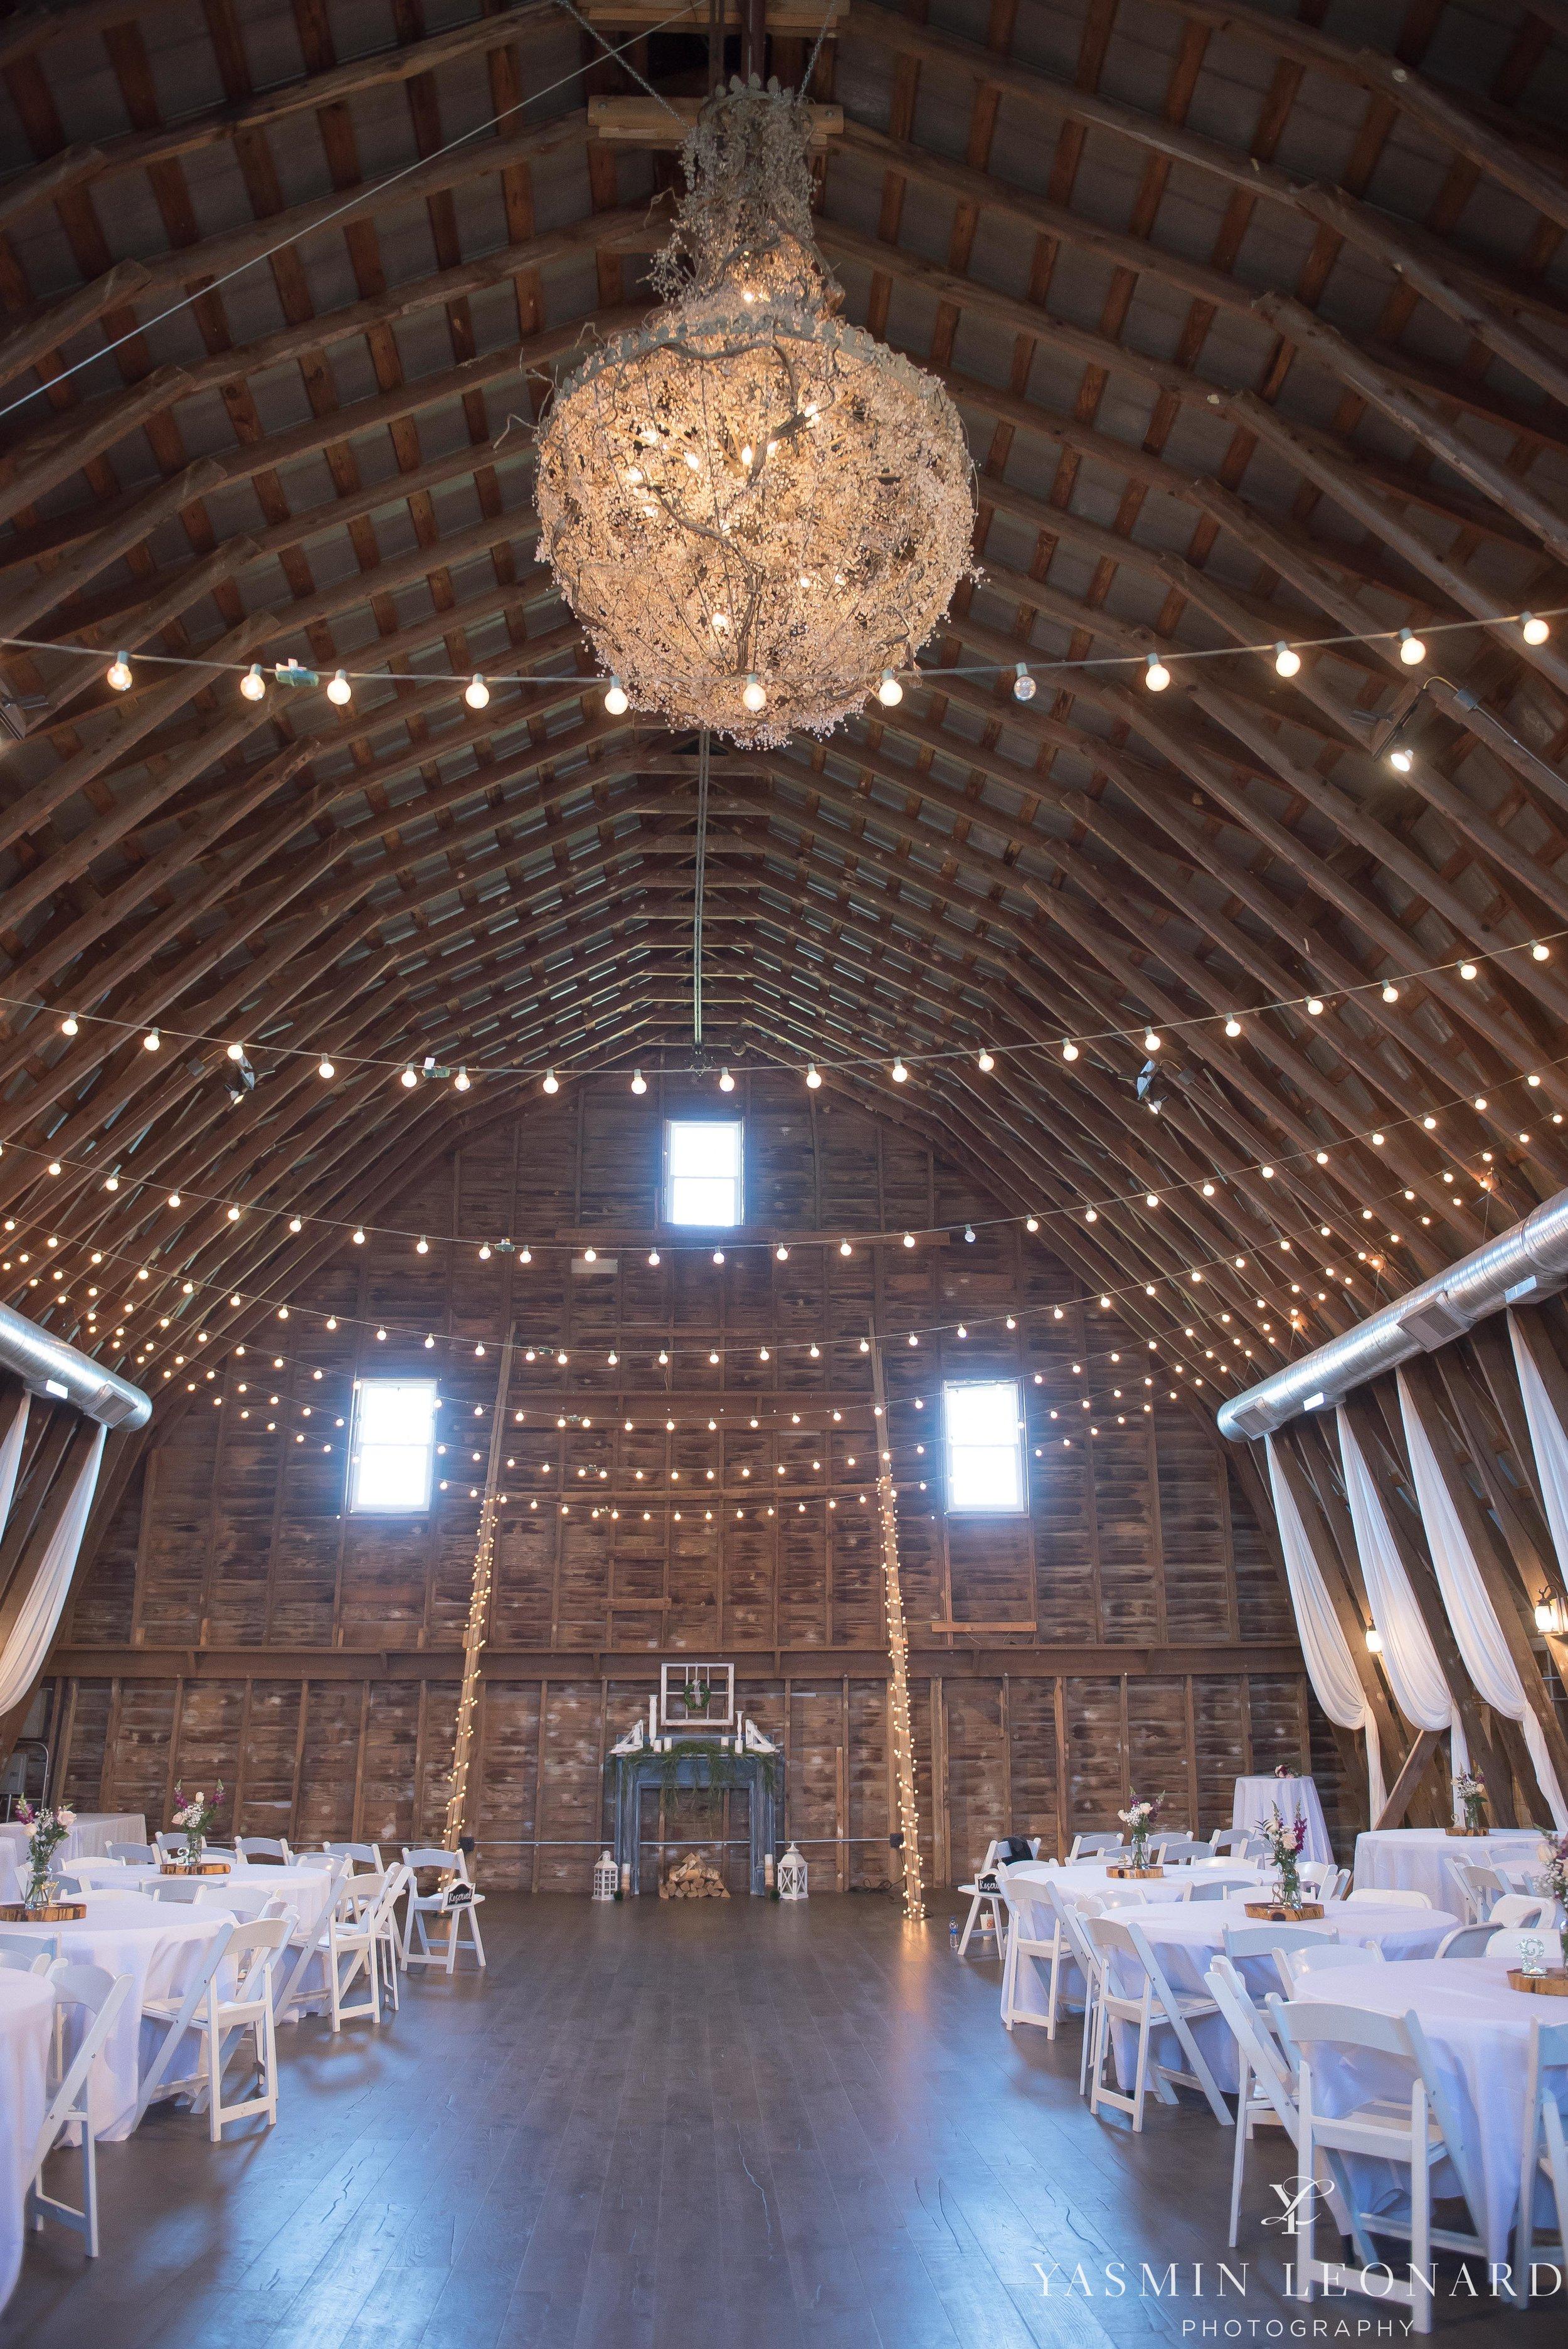 Millikan Farms - Millikan Farms Wedding - Sophia NC Wedding - NC Wedding - NC Wedding Photographer - Yasmin Leonard Photography - High Point Photographer - Barn Wedding - Wedding Venues in NC - Triad Wedding Photographer-1.jpg